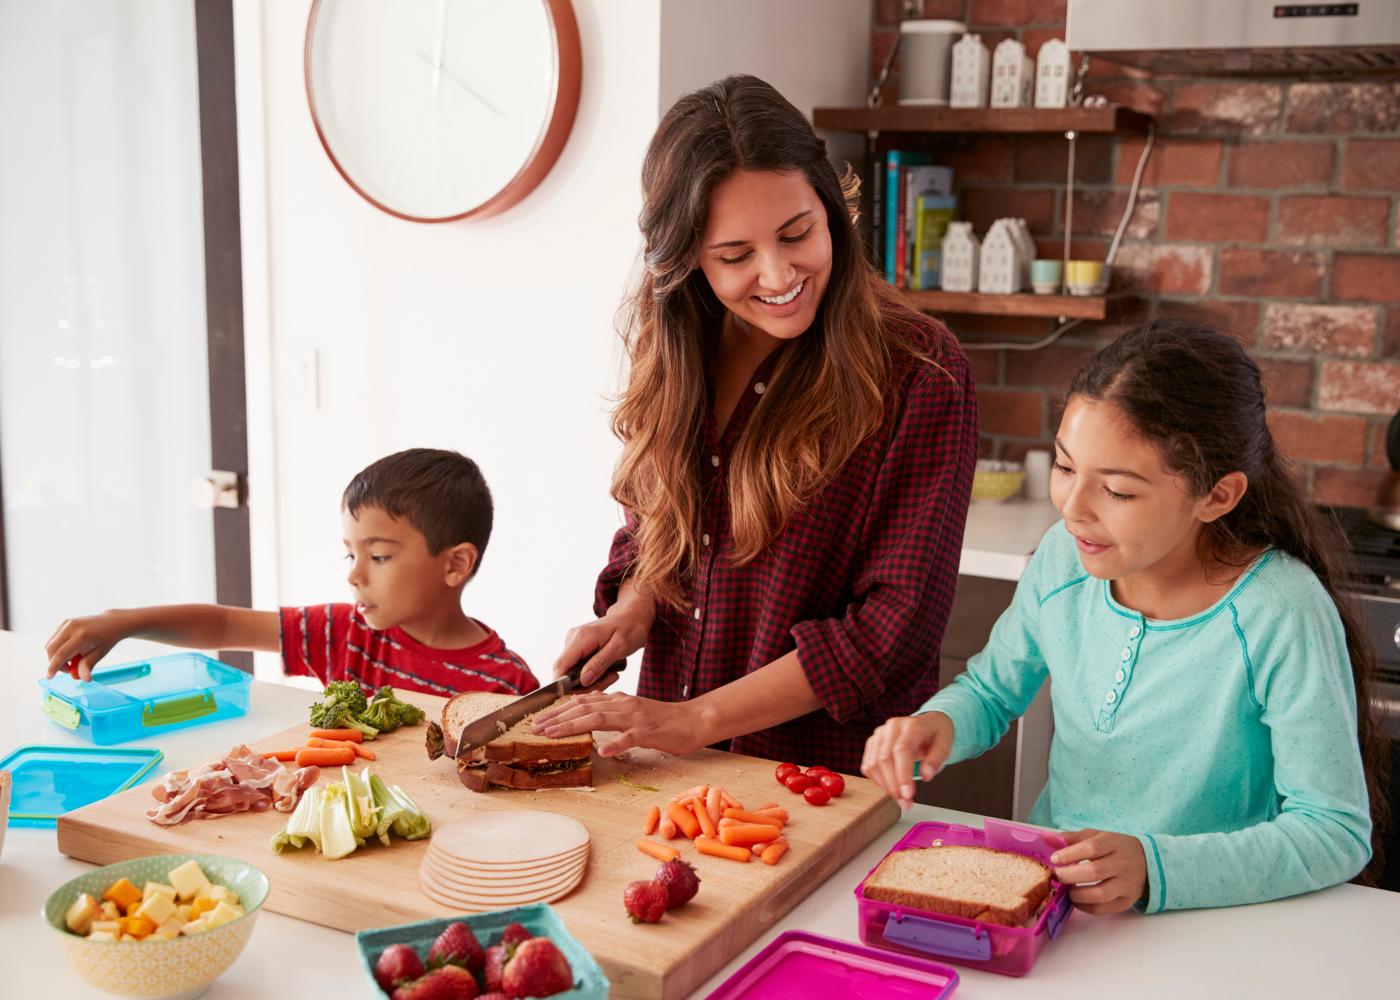 mae-a-preparar-almoco-com-filhos